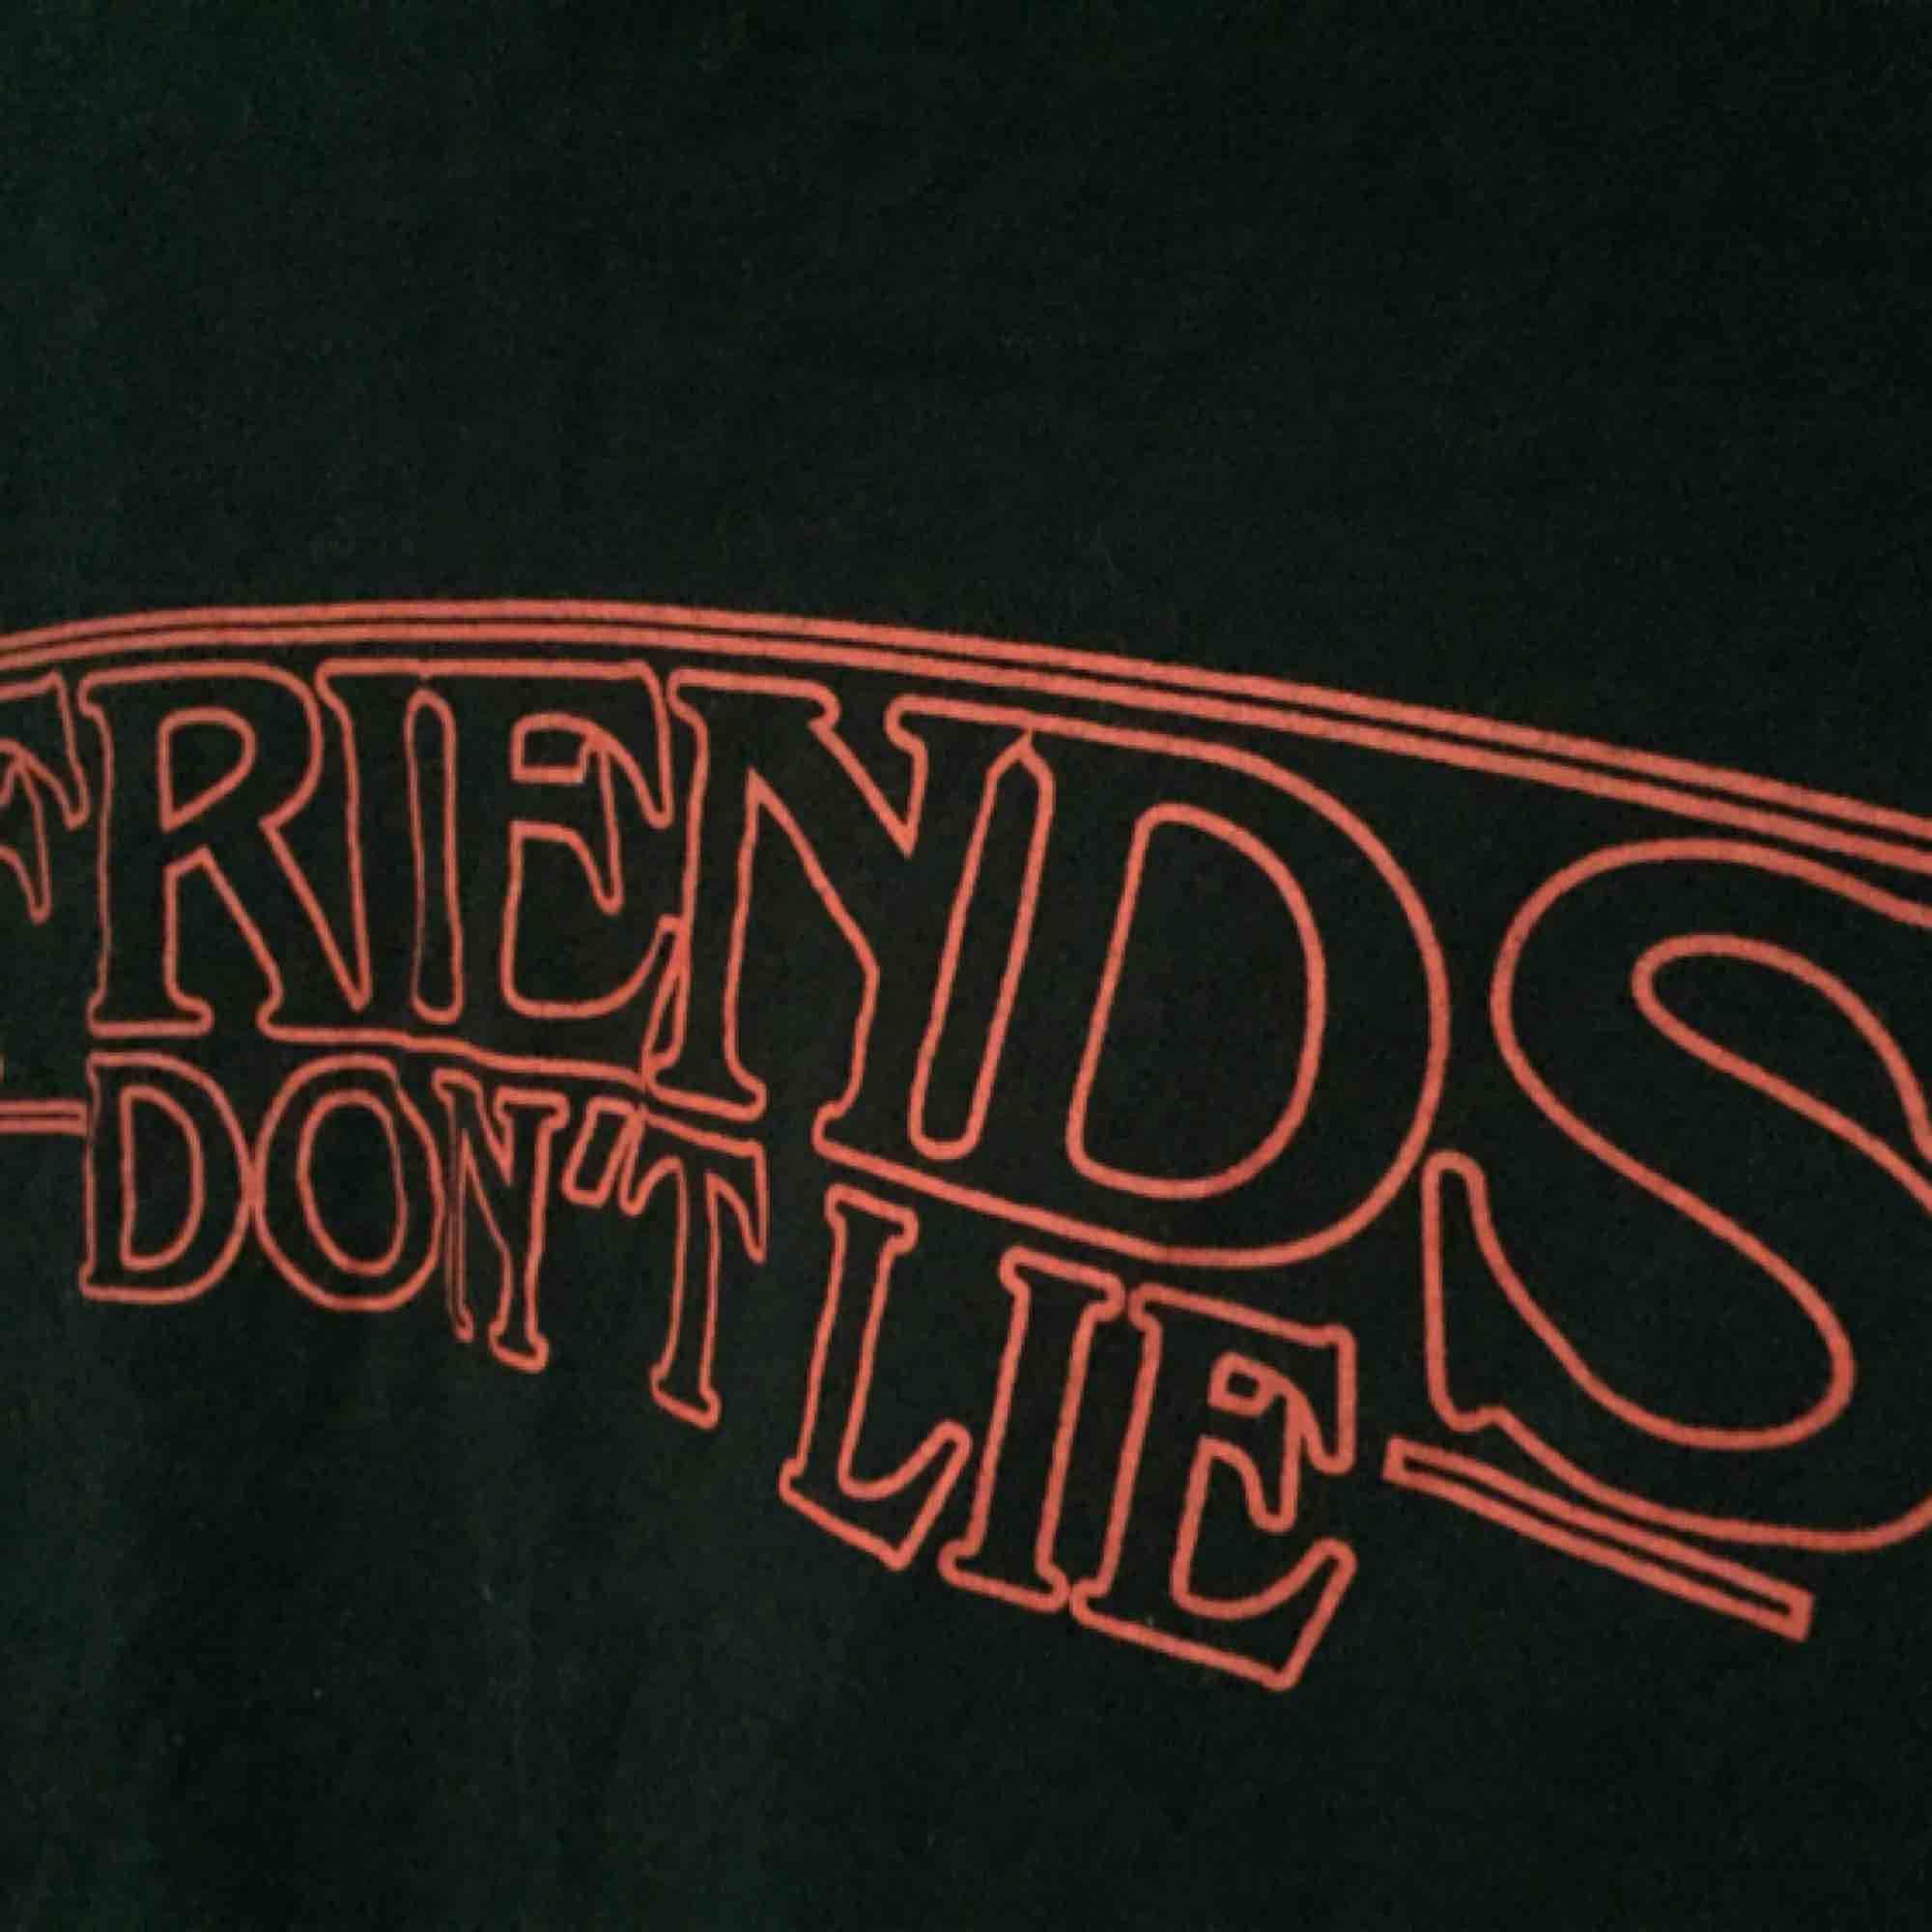 """Säljer en t-shirt med stranger things! Tröjan har motivet """"Friends don't lie"""" vilket är ett uttryck från andra säsongen. Helt oanvänd och i perfekt skick. . T-shirts."""